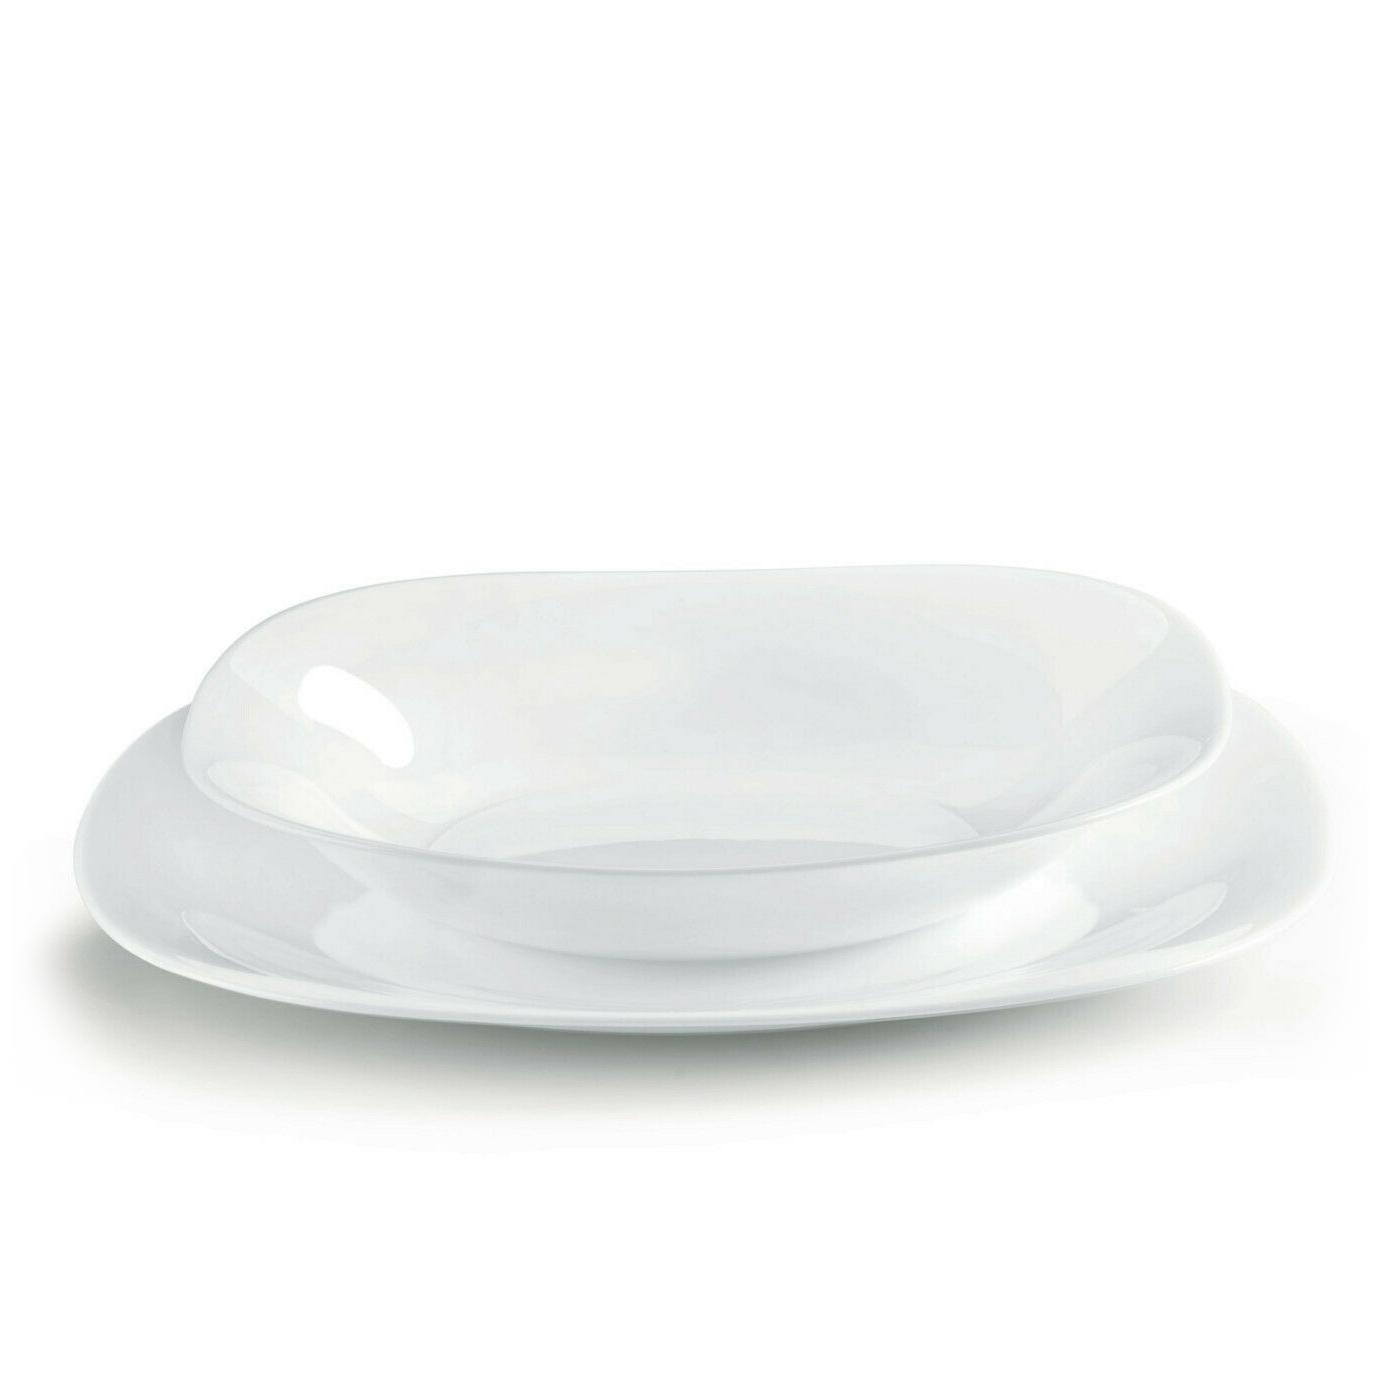 Набор тарелок Bormioli Rocco Parma 12 шт